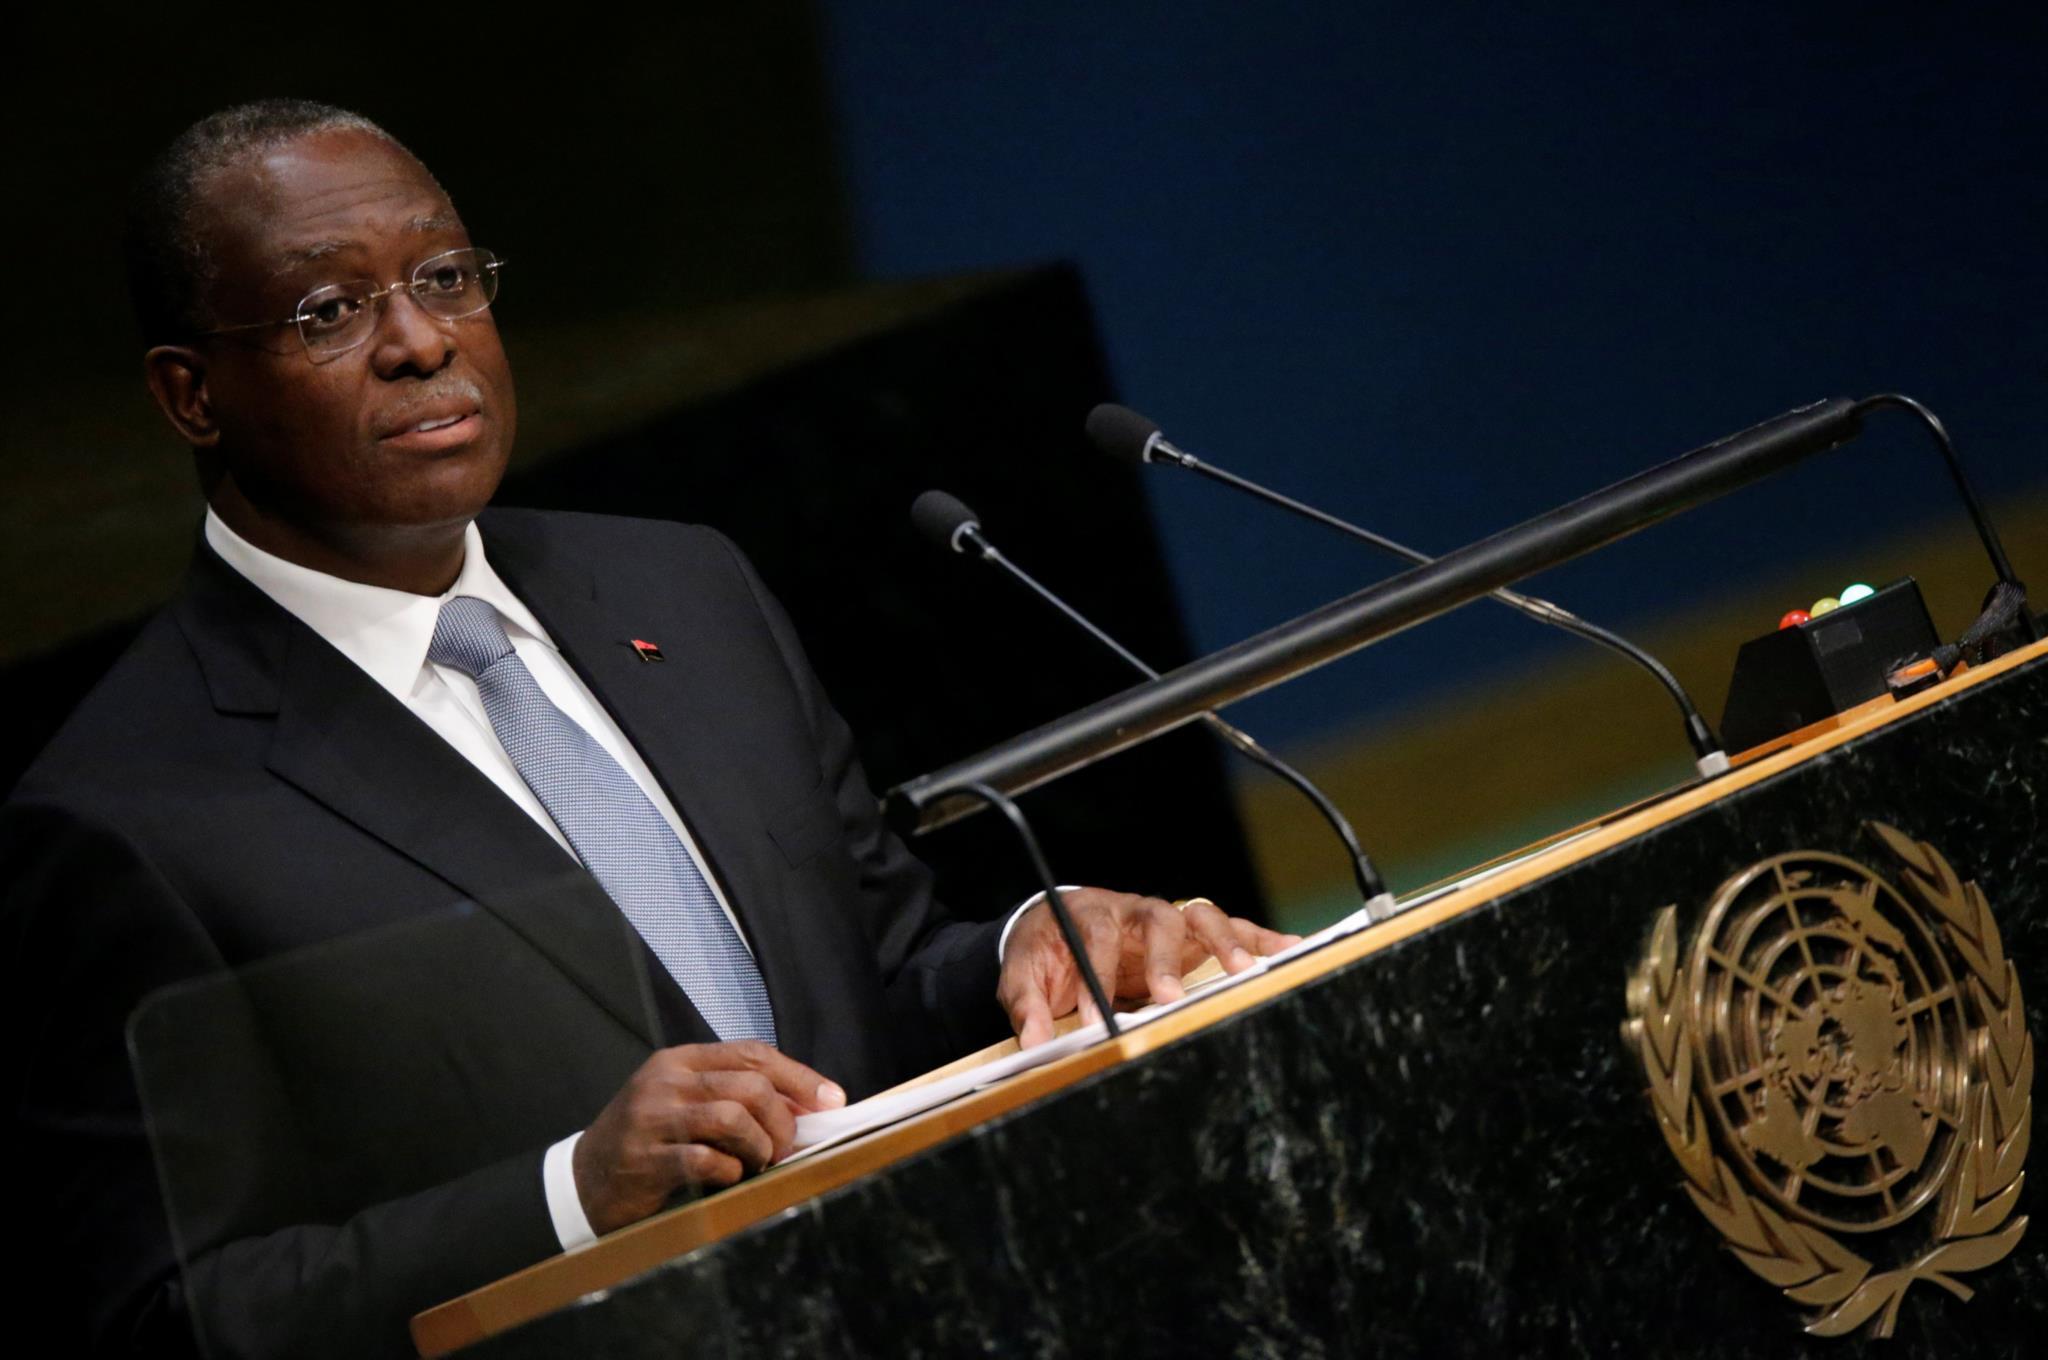 """PÚBLICO - Angola diz que acusação a vice-presidente pode """"perturbar relações"""" com Portugal"""